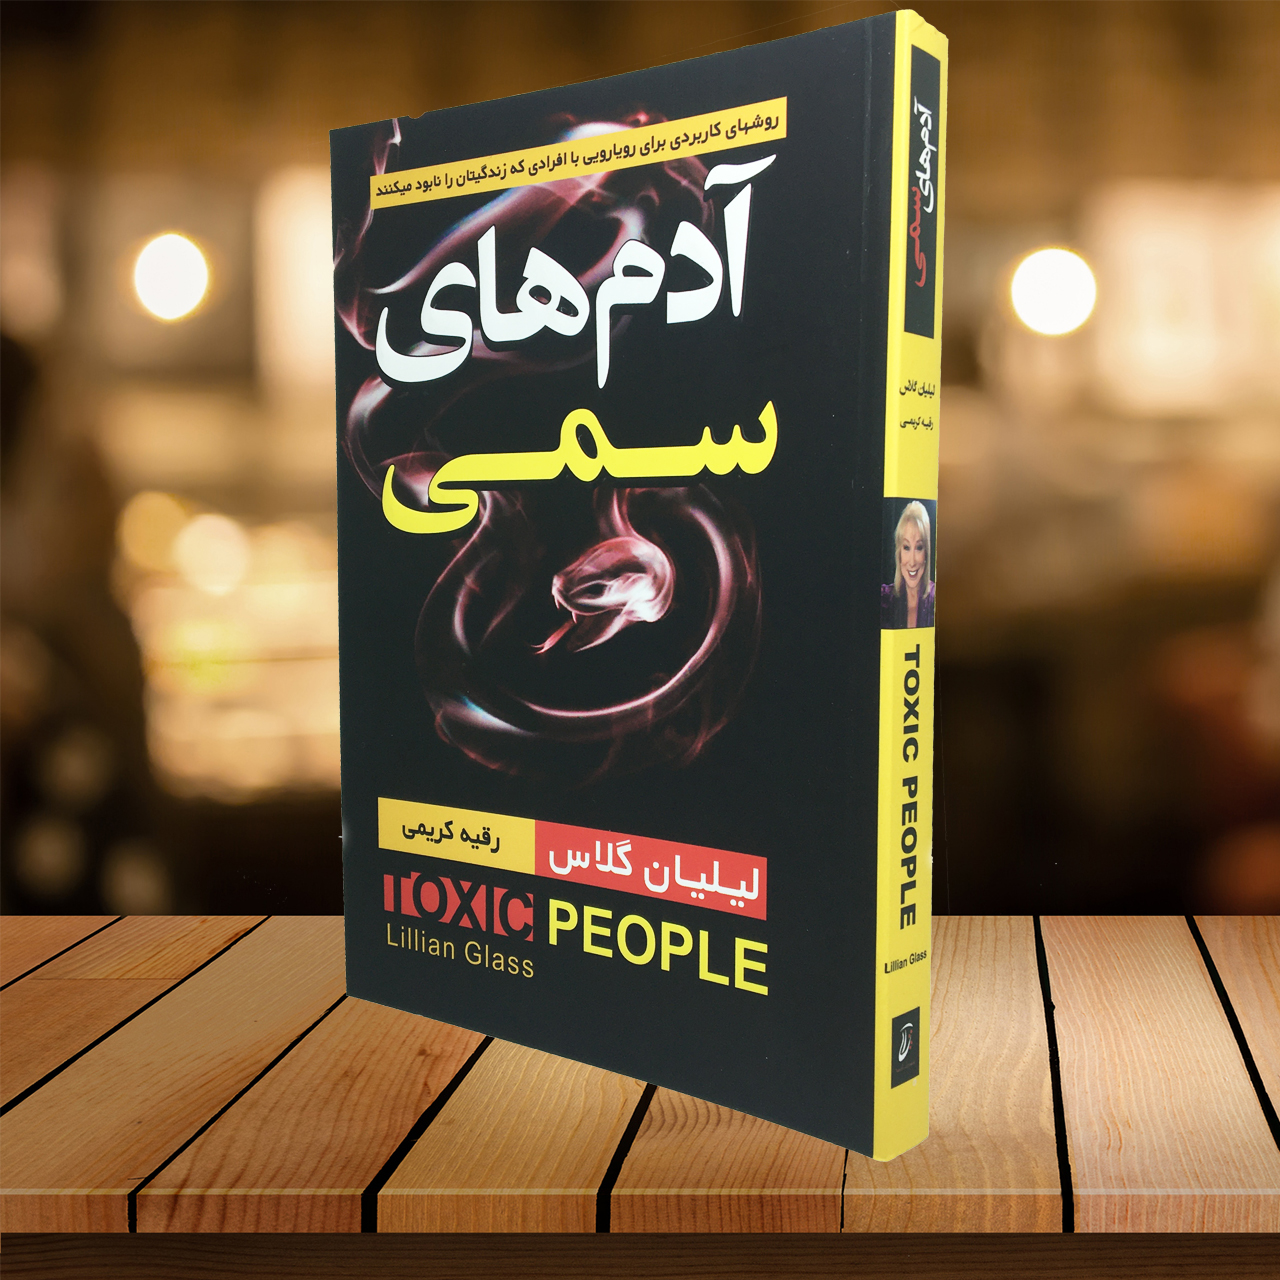 خرید                      کتاب آدم های سمی اثر لیلیان گلاس انتشارات آتیسا